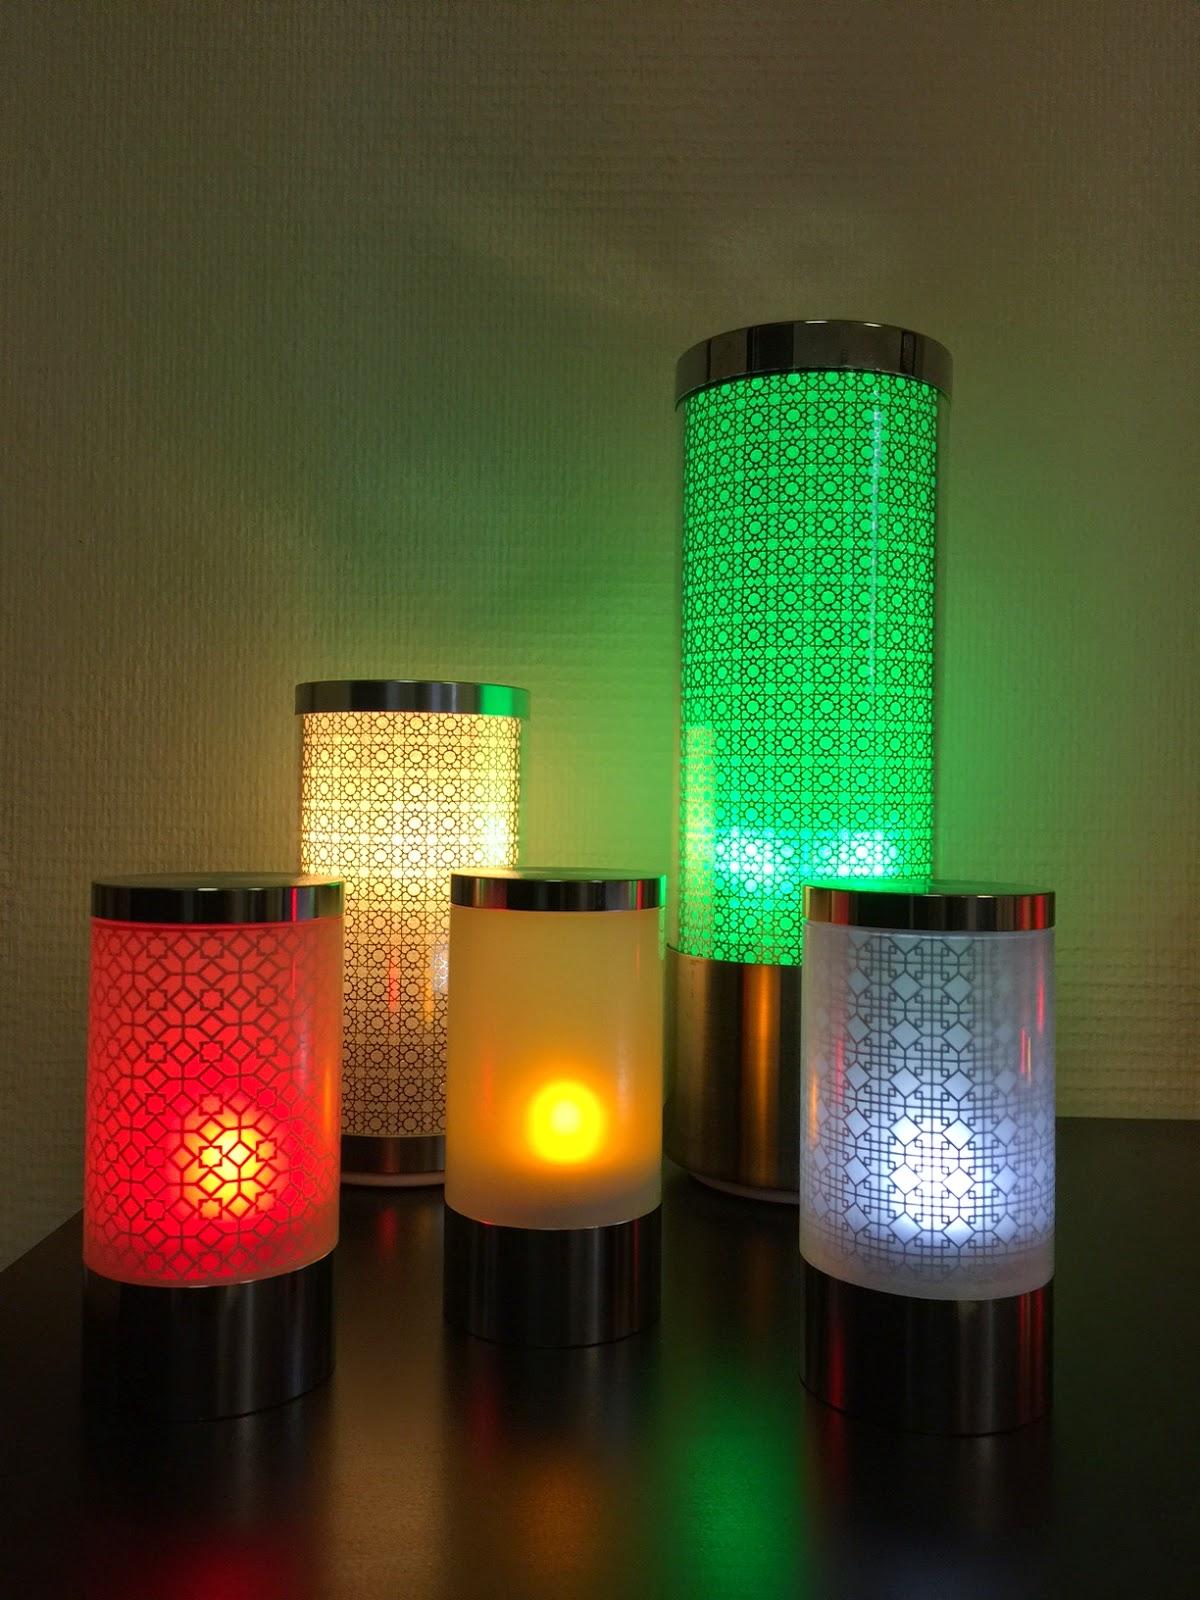 Midlightsun lampes de table led sans fil rechargeables mars 2015 - Lampe de chevet rechargeable ...